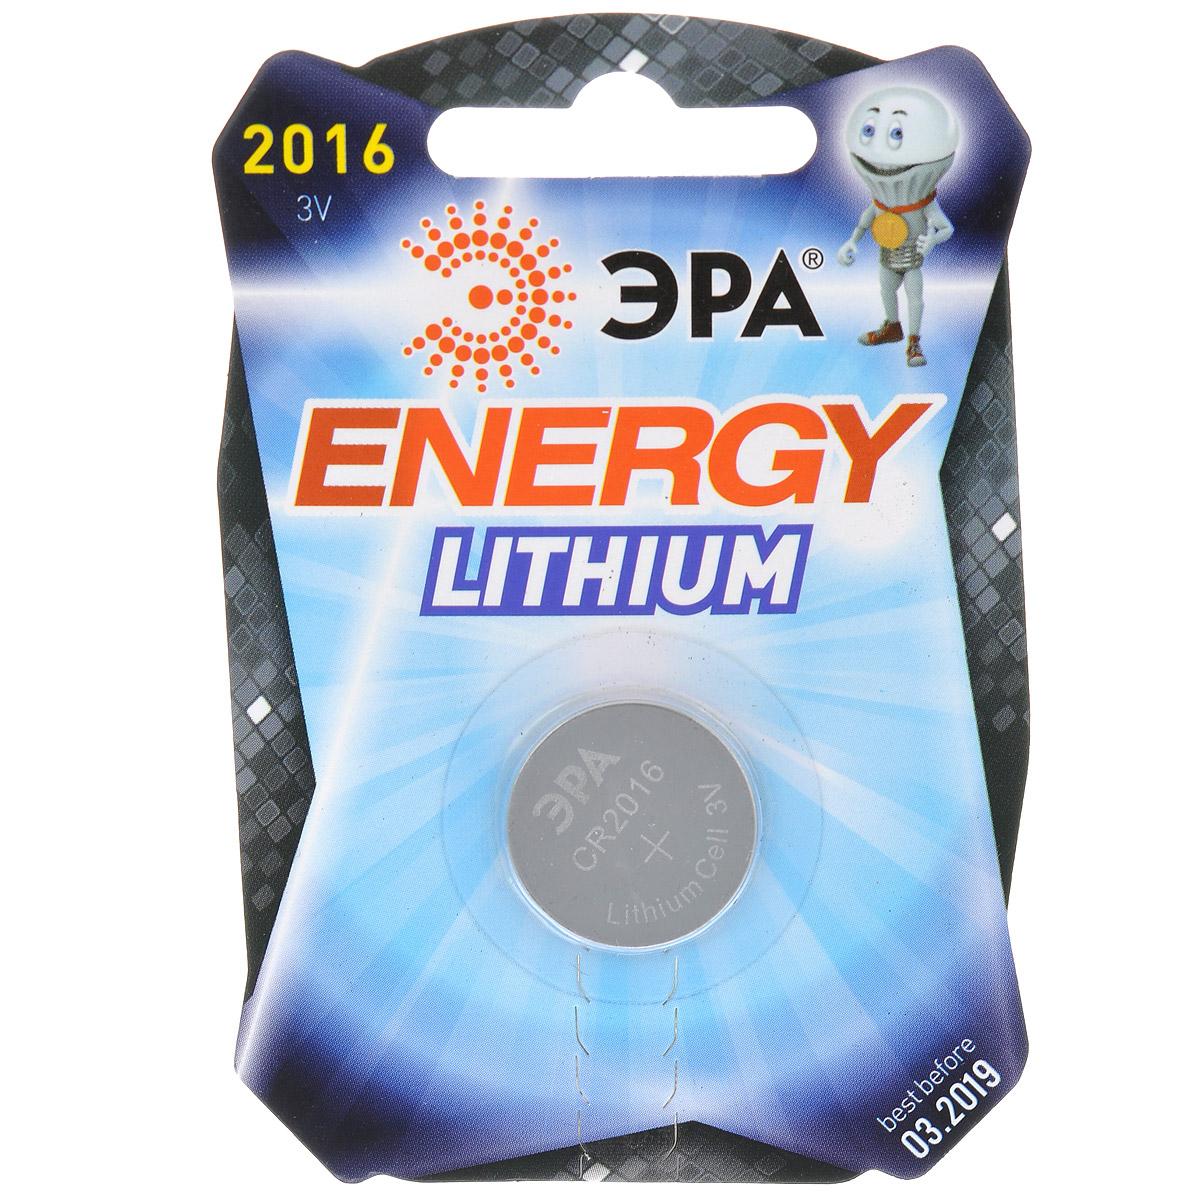 Батарейка литиевая ЭРА Energy, тип CR2016 (1BL), 3В5055398601051Литиевые батарейки ЭРА Energy оптимально подходят для повседневного питания множества современных бытовых приборов: электронных игрушек, фонарей, беспроводной компьютерной периферии и многого другого. Батарейки созданы для устройств с высоким потреблением энергии. Работают в 10 раз дольше, чем обычные солевые элементы питания. Диаметр батарейки: 1,9 см.Уважаемые клиенты!Обращаем ваше внимание на возможные изменения в дизайне упаковки. Качественные характеристики товара остаются неизменными. Поставка осуществляется в зависимости от наличия на складе.